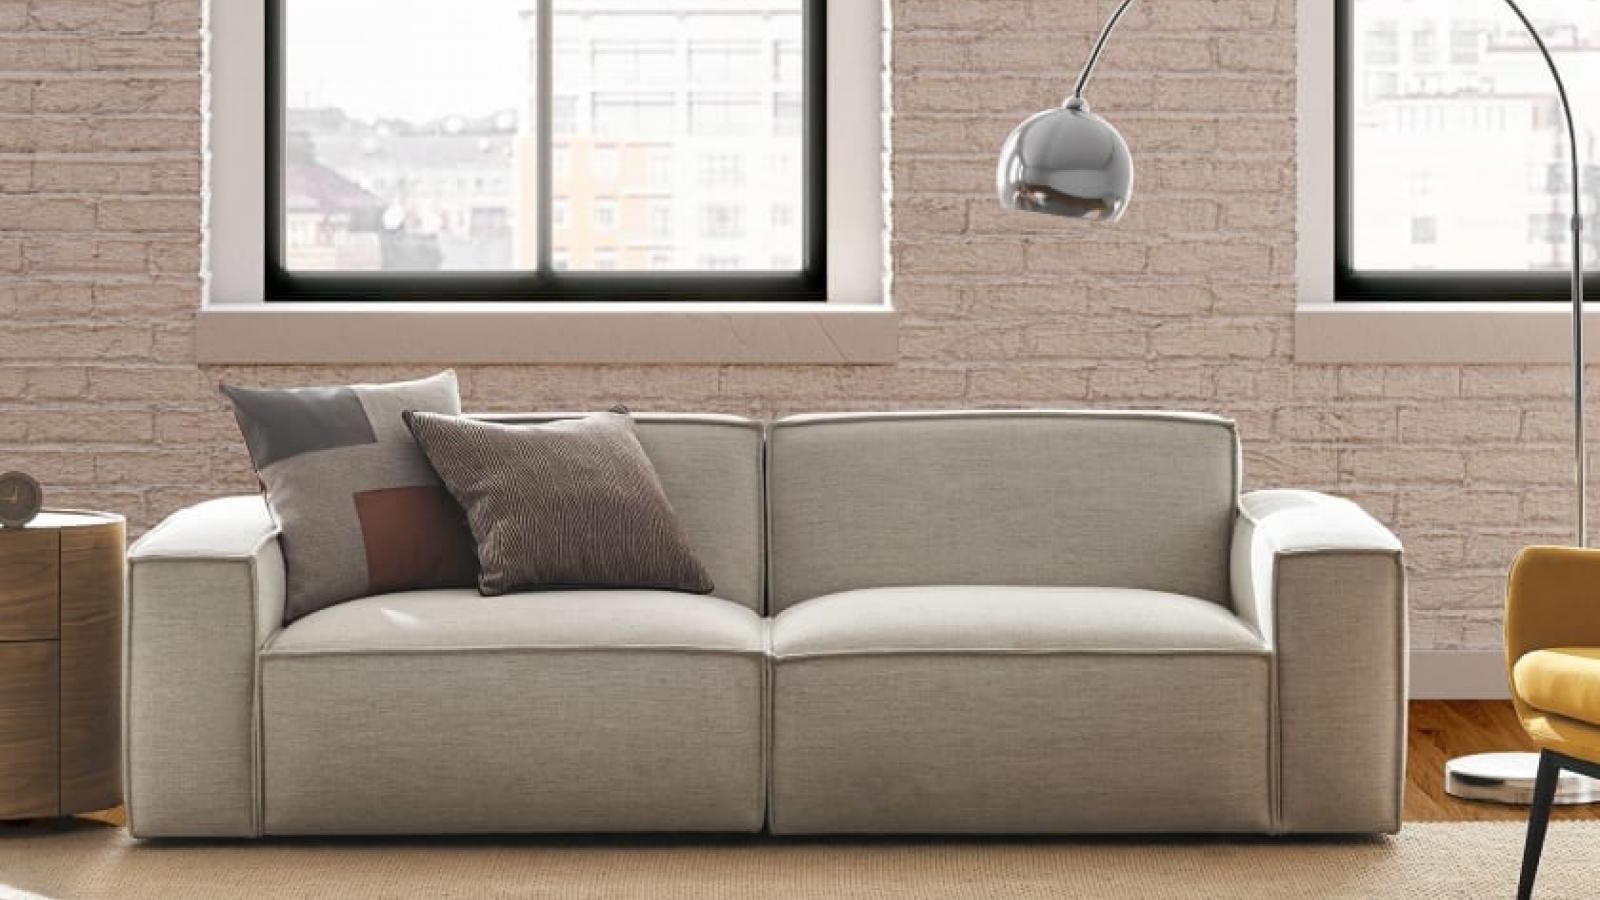 Chọn sofa có kích thước phù hợp cho không gian nhỏ mùa thu đông